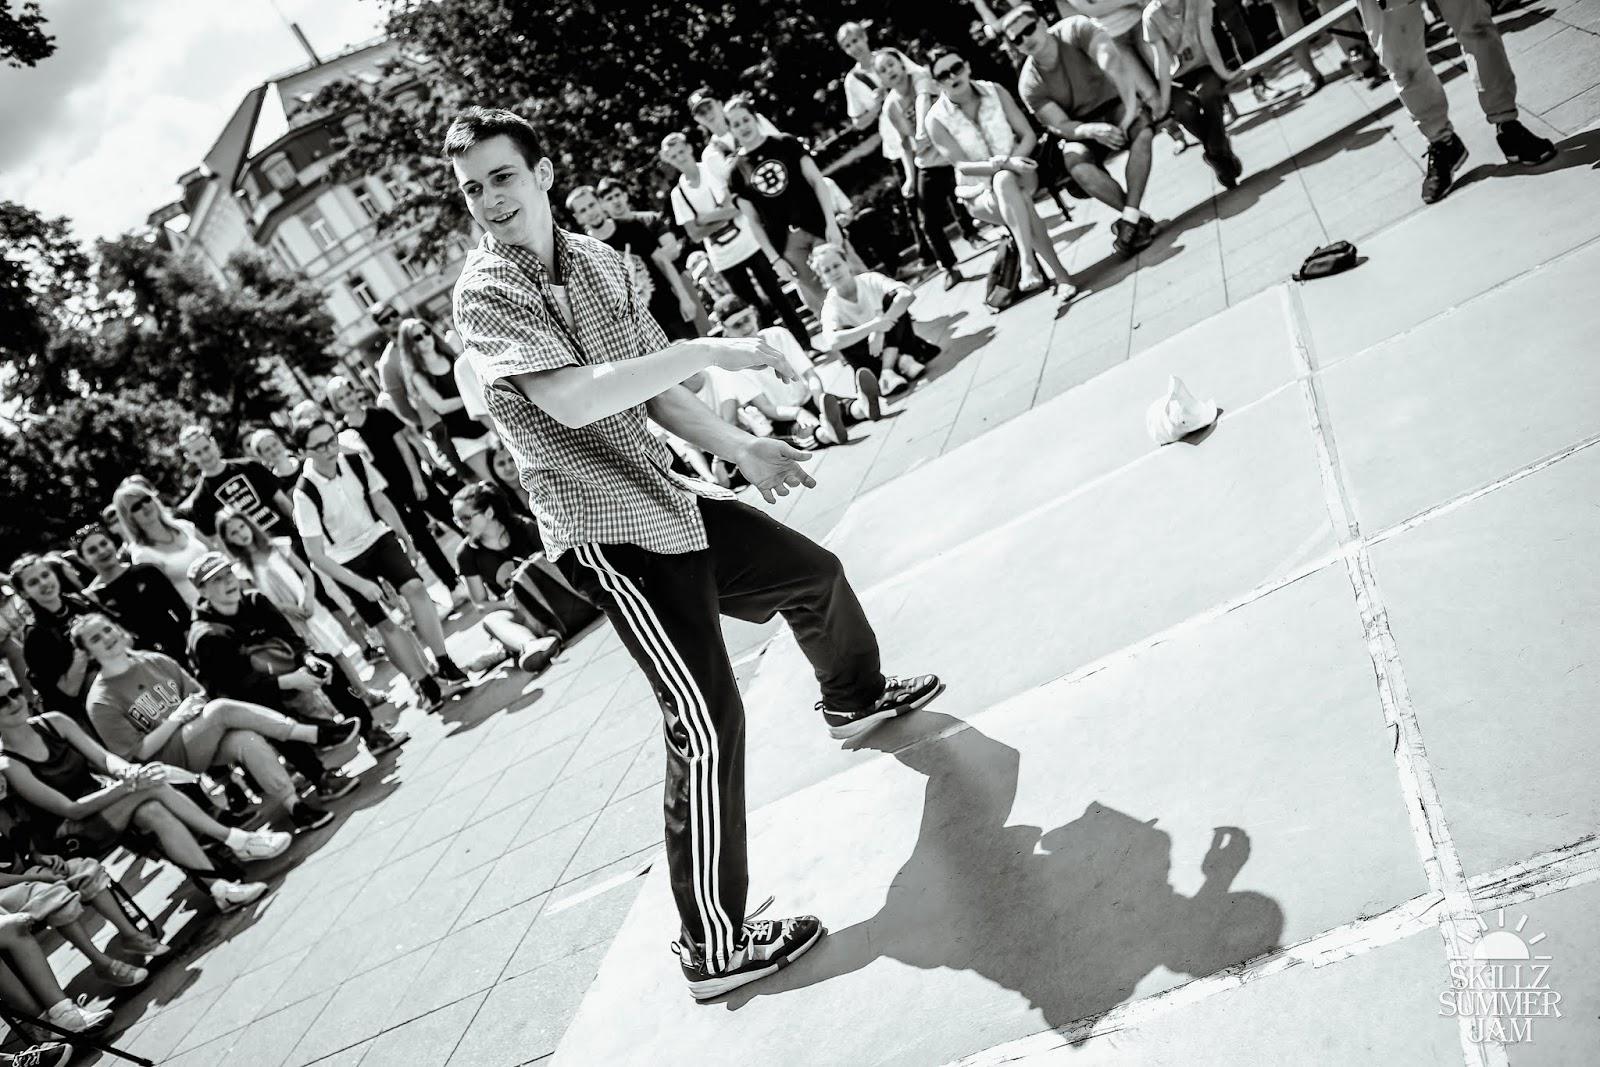 SKILLZ Summer Jam 2016 - IMG_2009.jpg